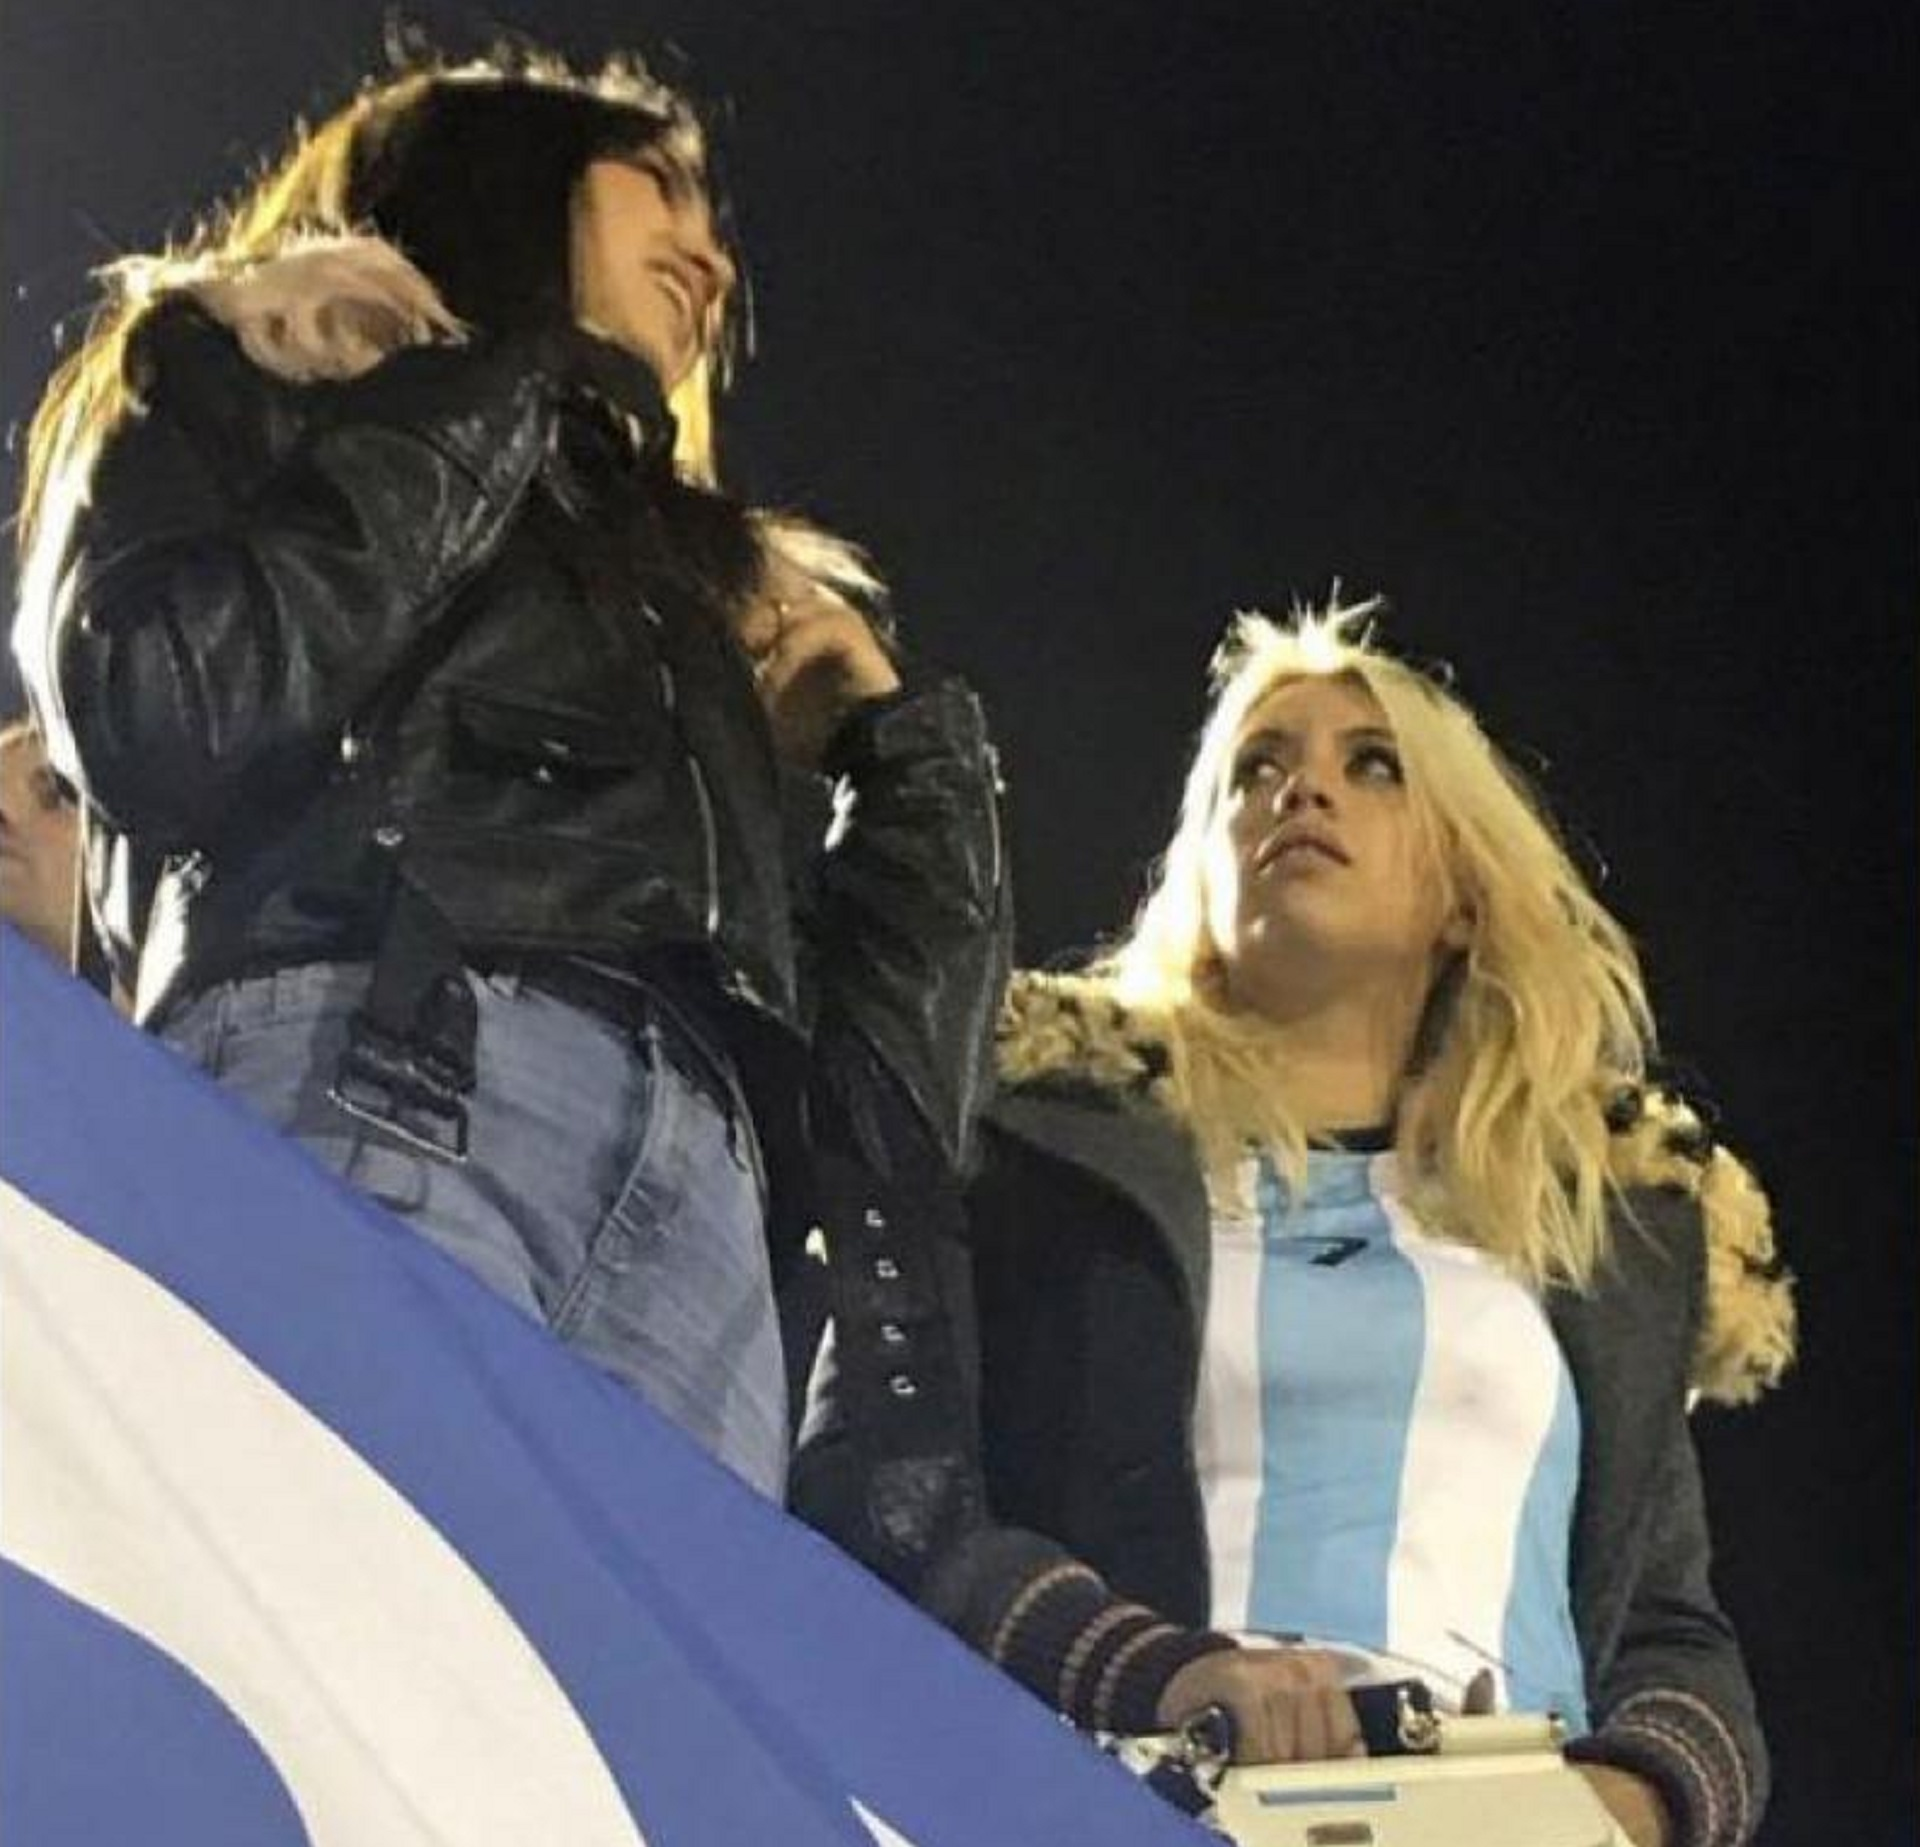 Wanda y Zaira Nara fueron a Montevideo a ver el partido de la Selección Argentina contra Uruguay, en el que jugó Mauro Icardi de titular